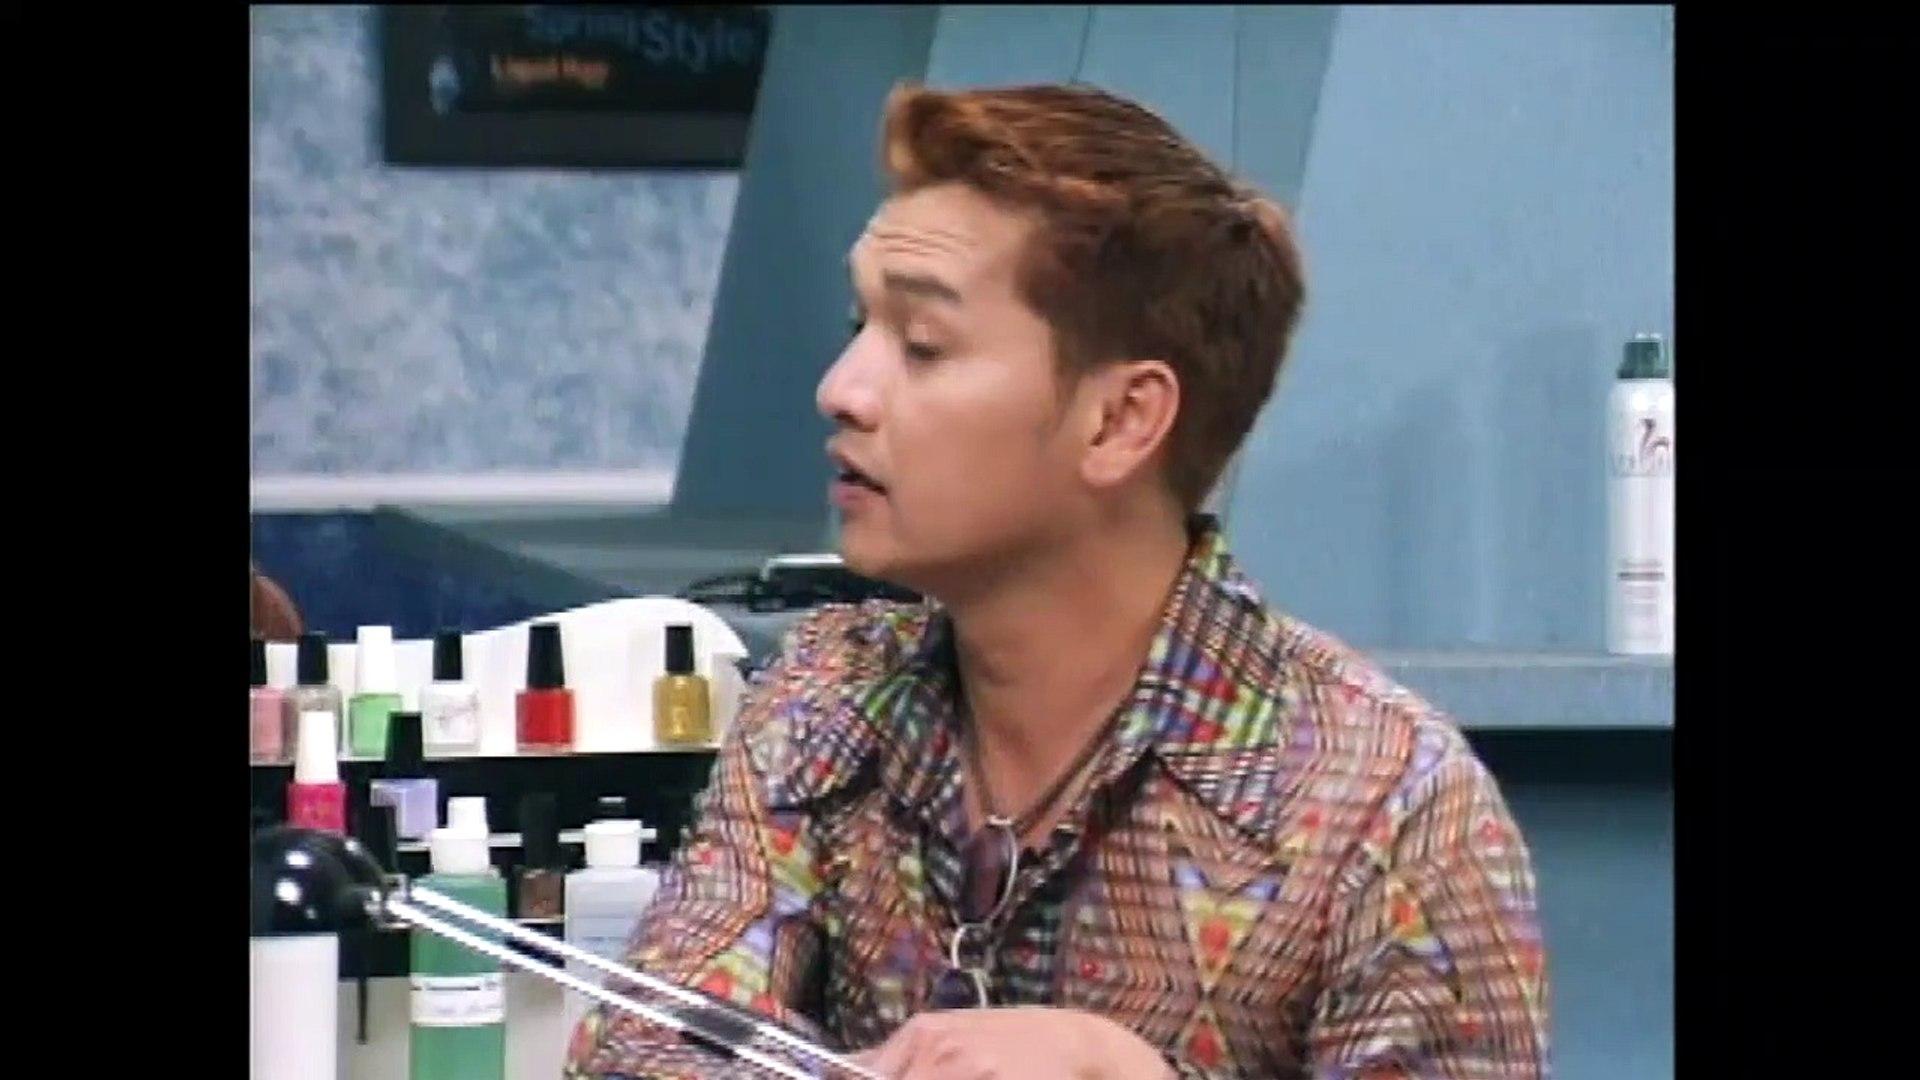 Video - Hài kịch CHÉN XÔI XUI XẺO (Quang Minh - Hồng Đào - Vân Sơn - Giáng Ngọc - Văn Chung - Linh T